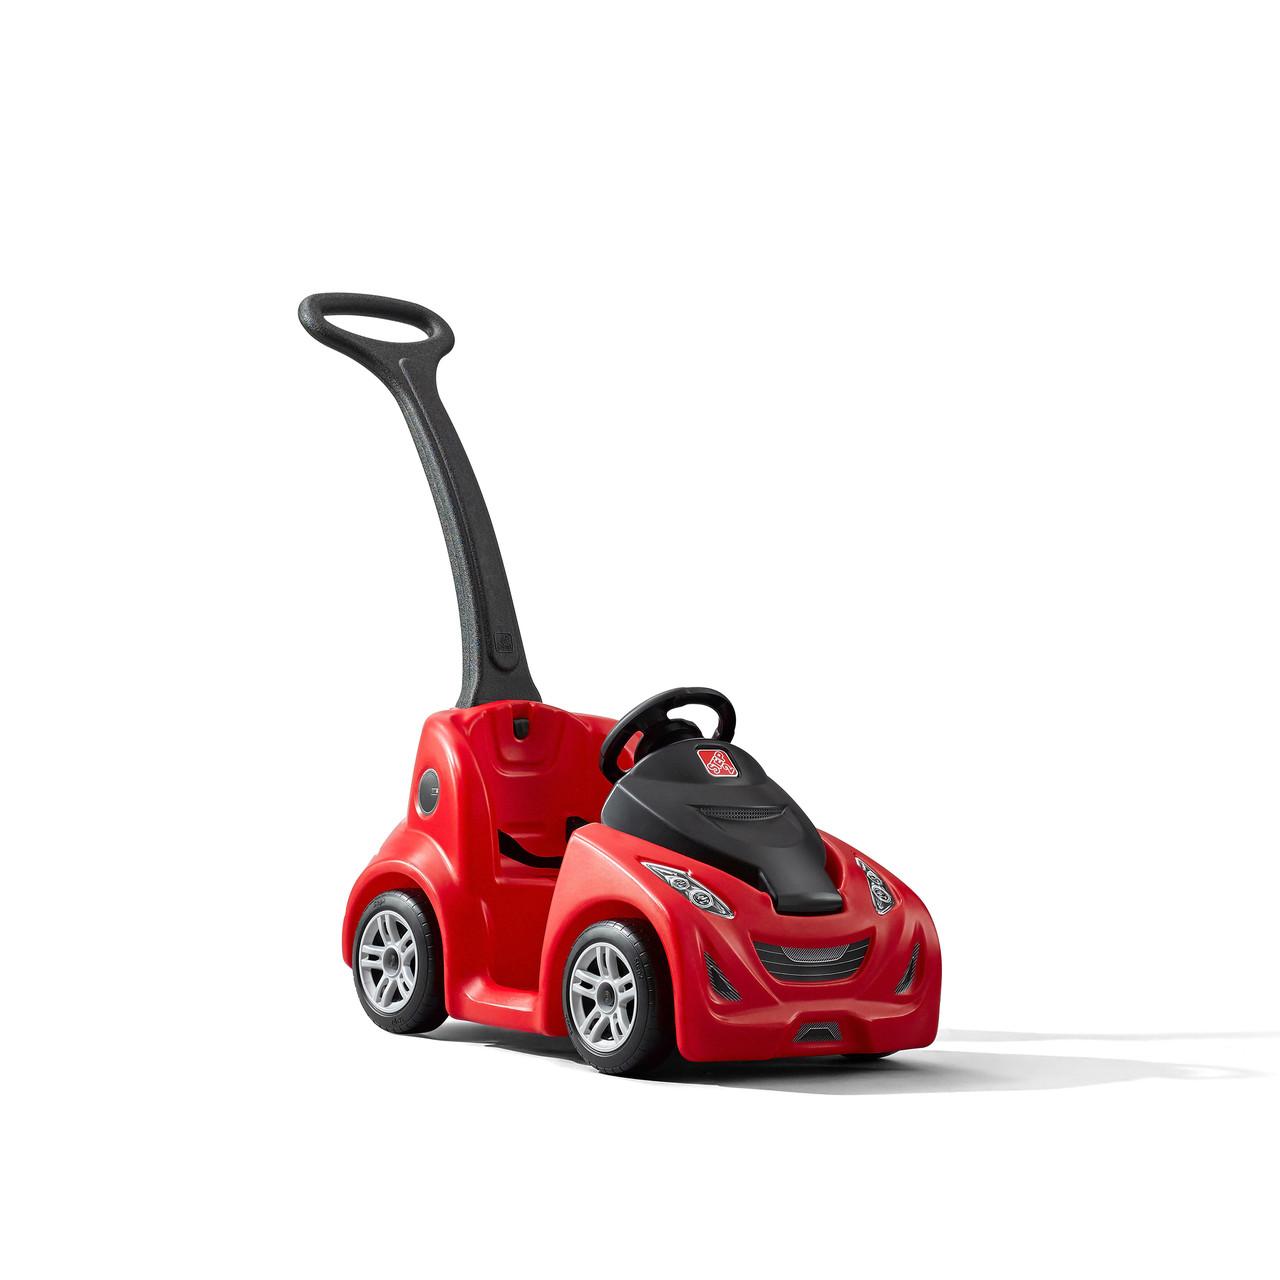 Машинка каталка з ручкою Sports Ride червоний Step2 8744